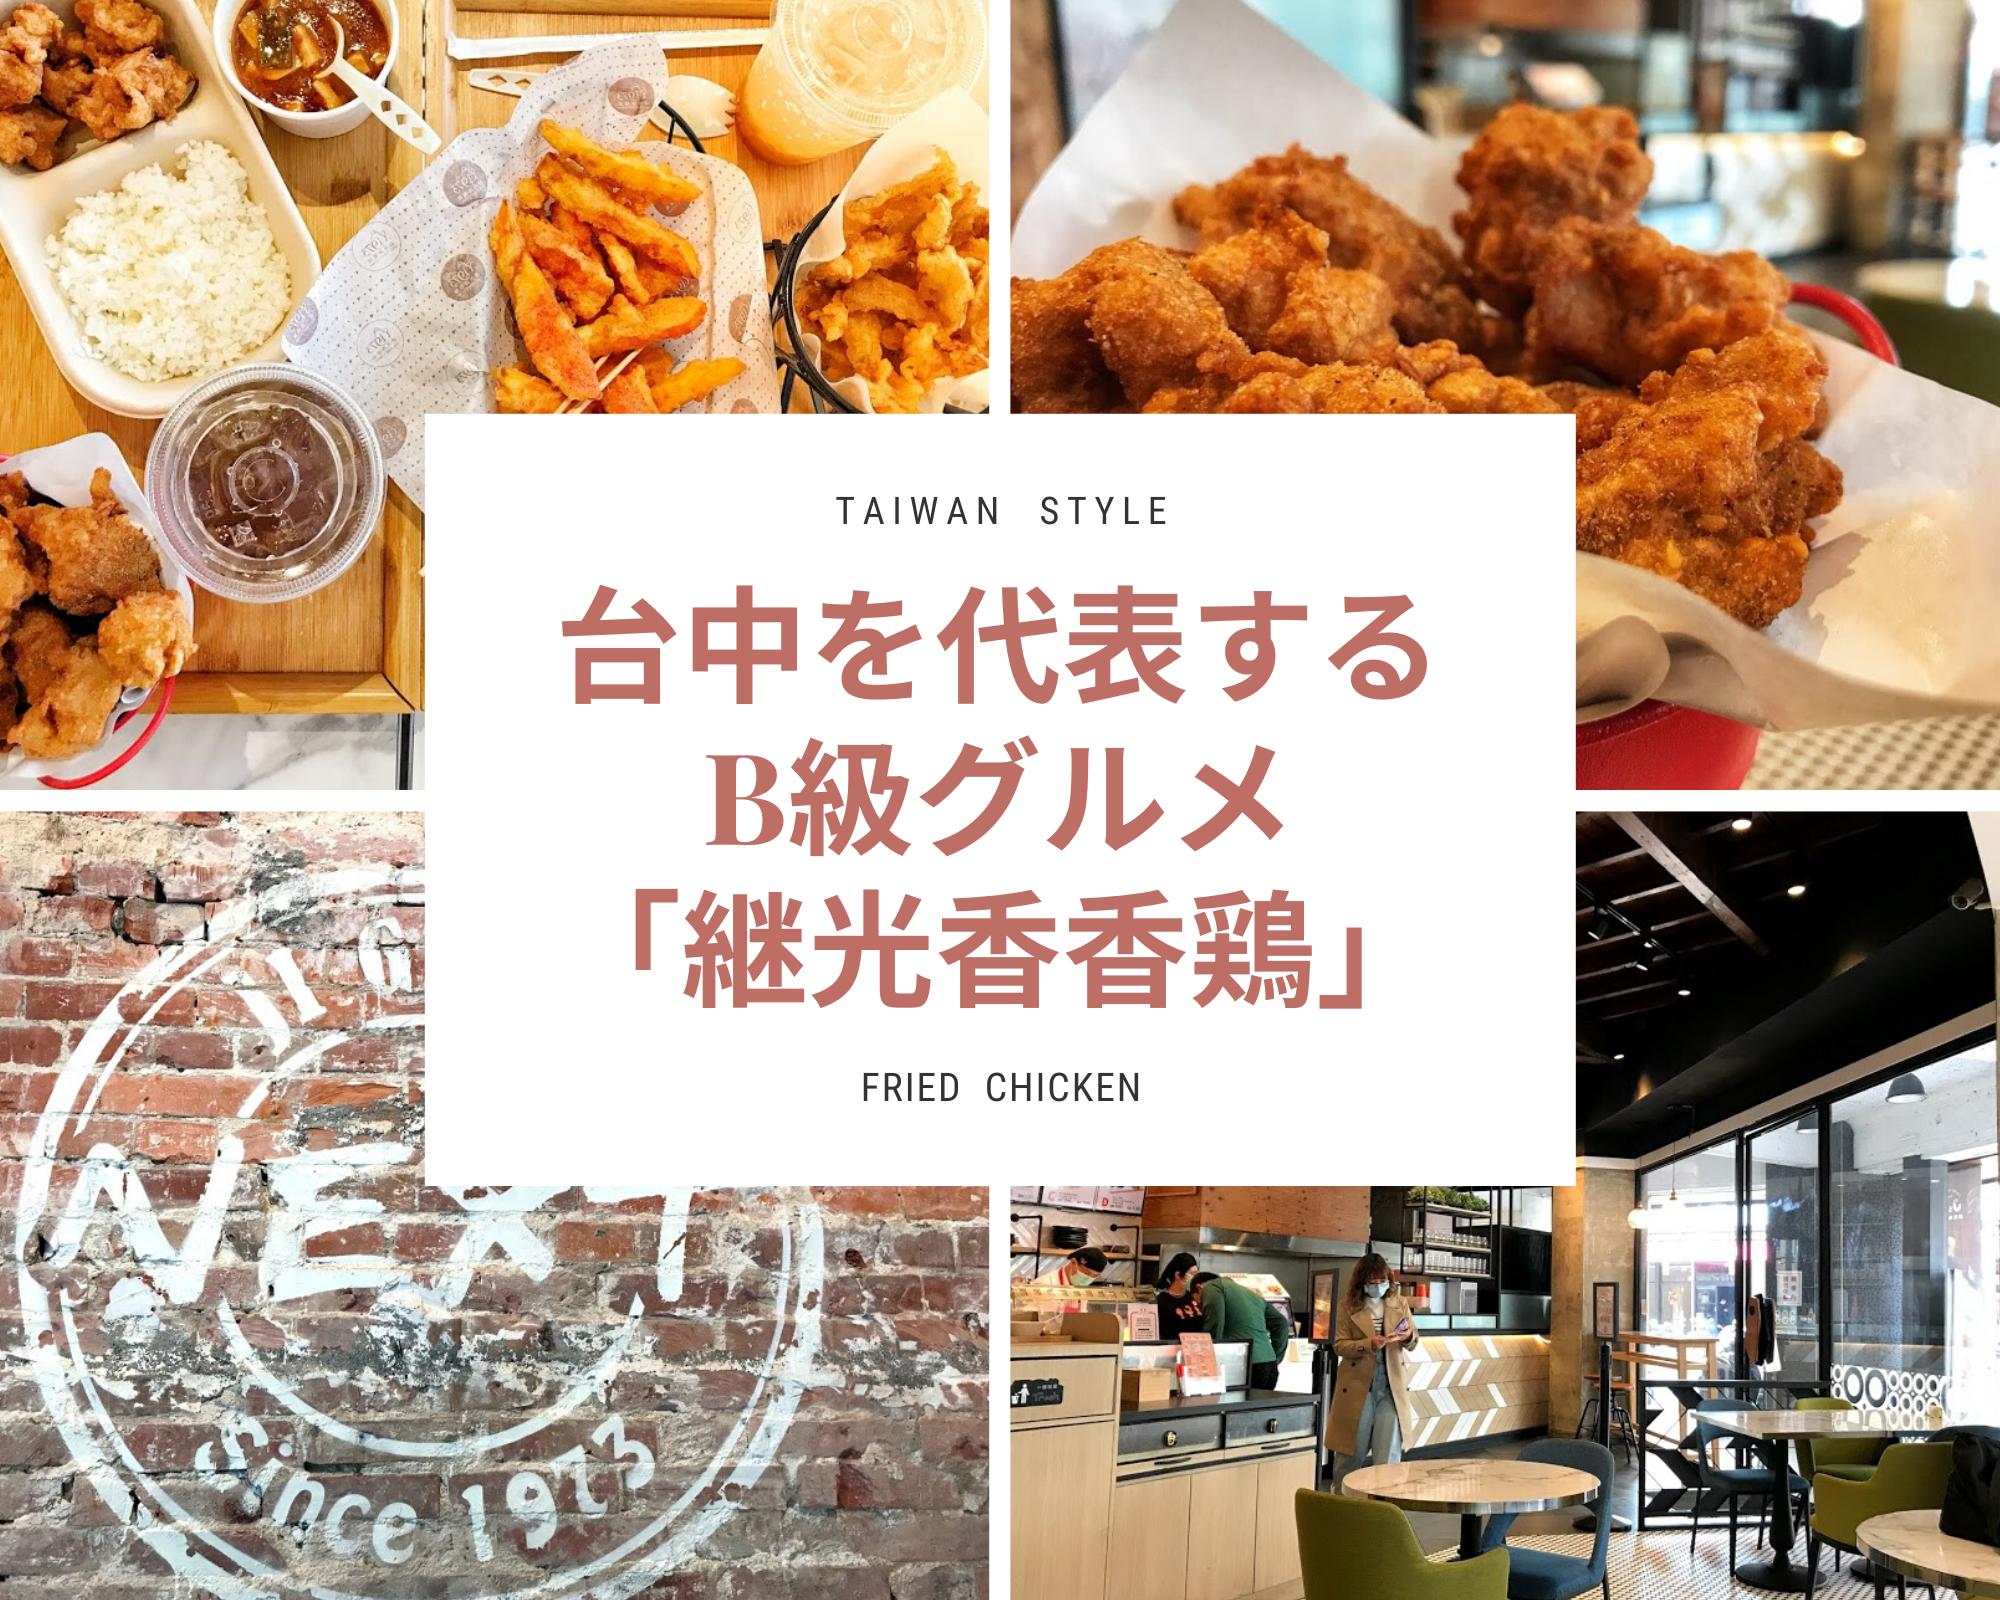 台中人から長年愛されてきた老舗店「継光香香鶏」の台湾風からあげ!